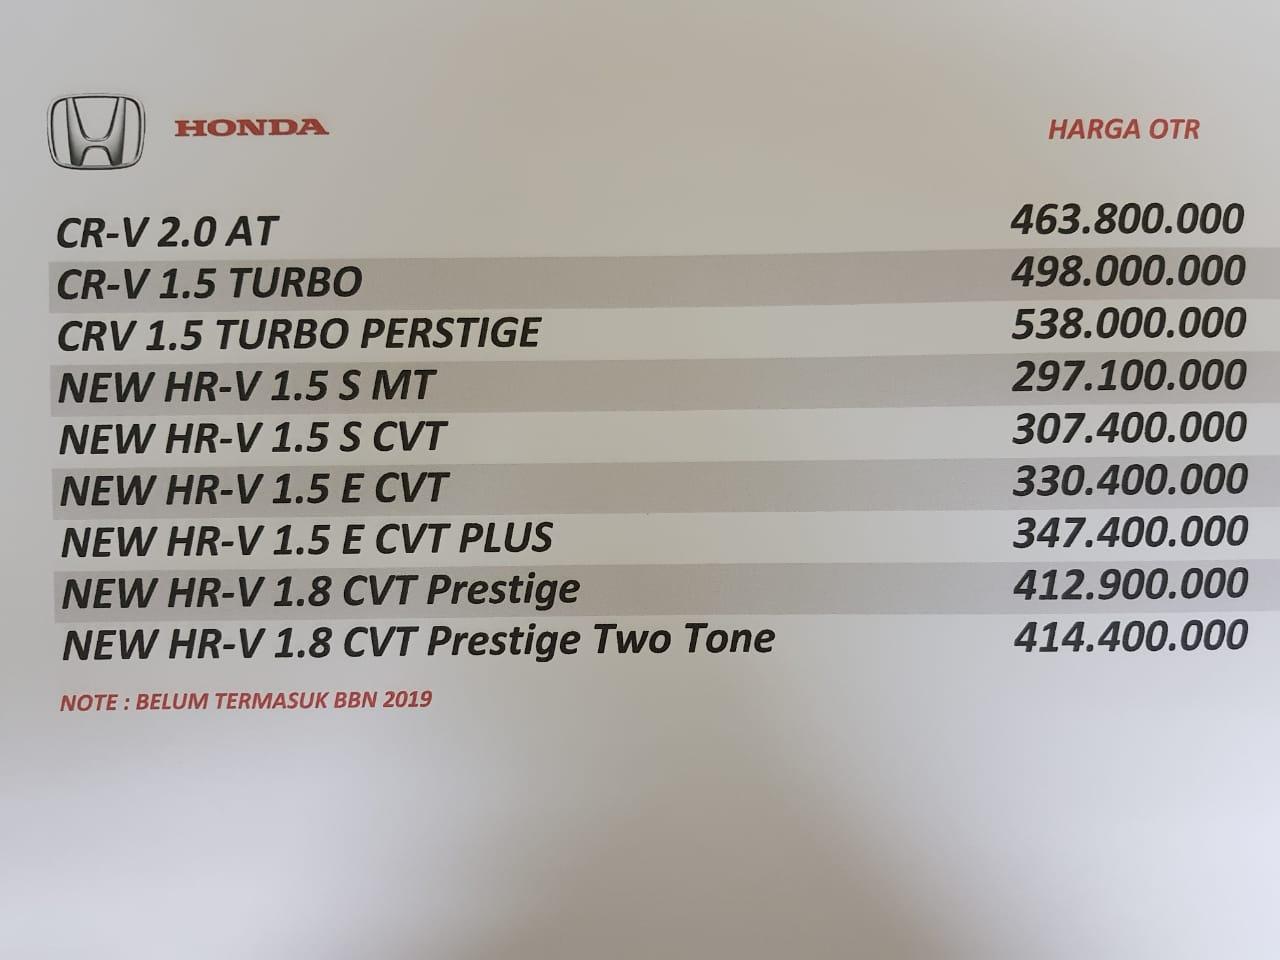 Harga-Mobil-Honda-By-Sony-2